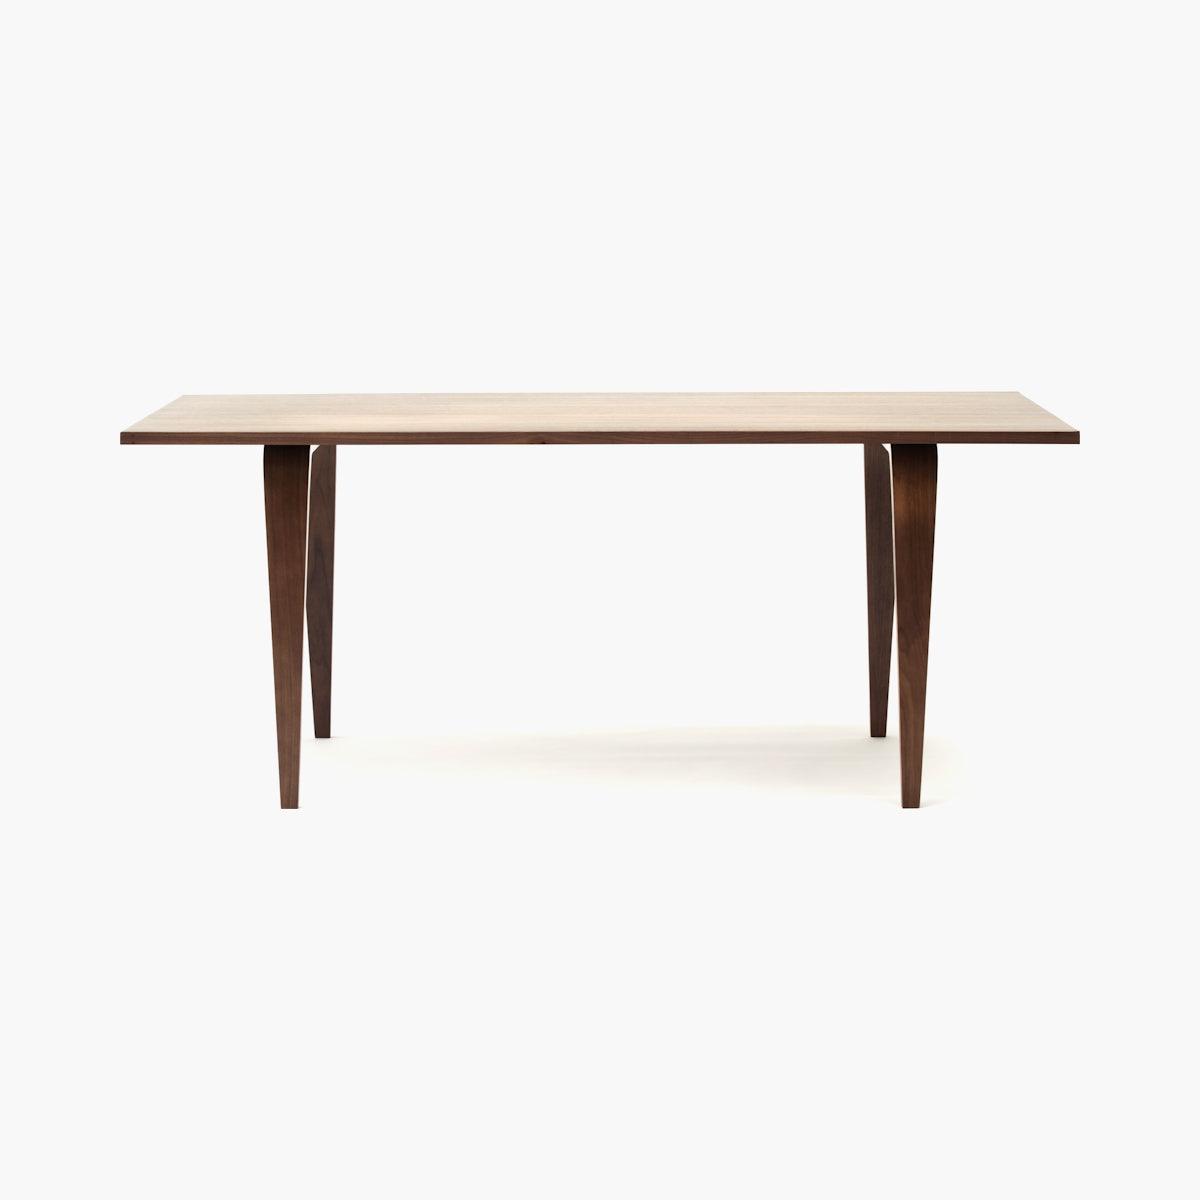 Cherner Table, Rectangular